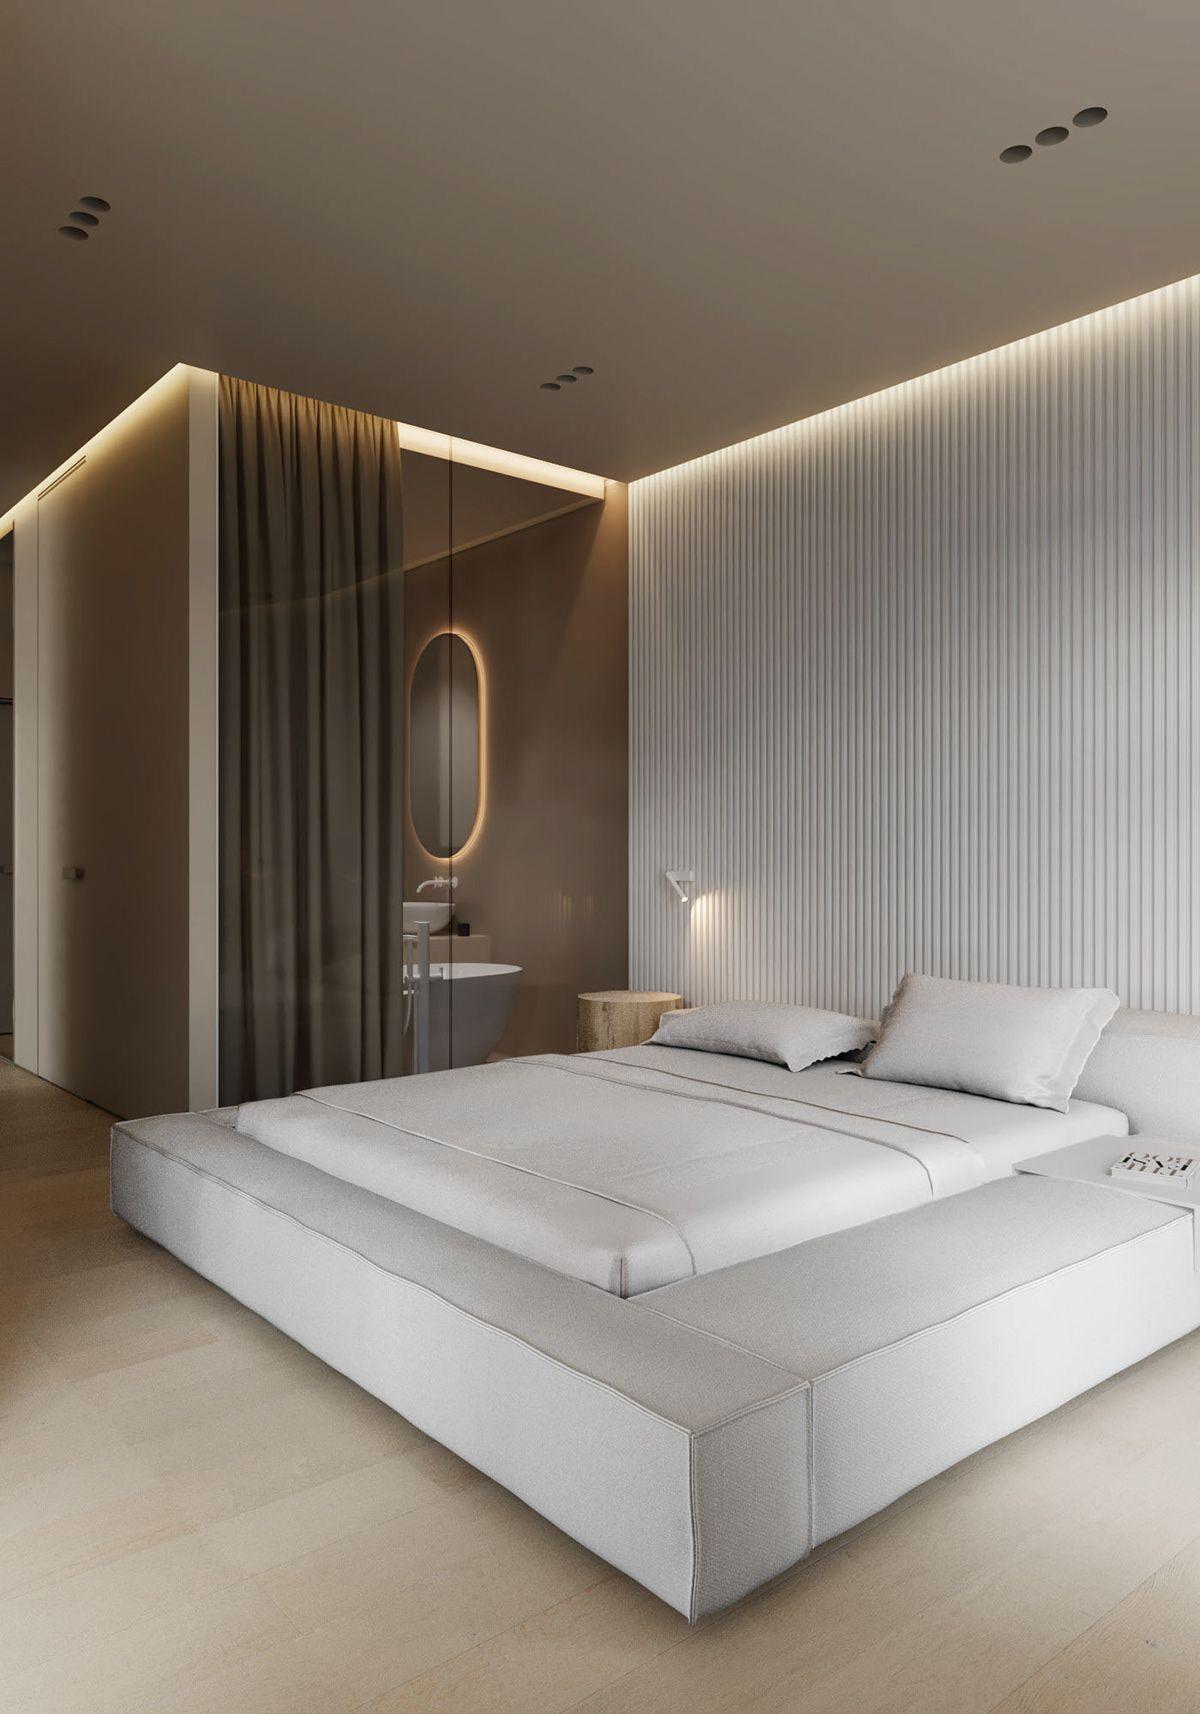 AP I white sand on Behance   Home room design, Modern bedroom ...